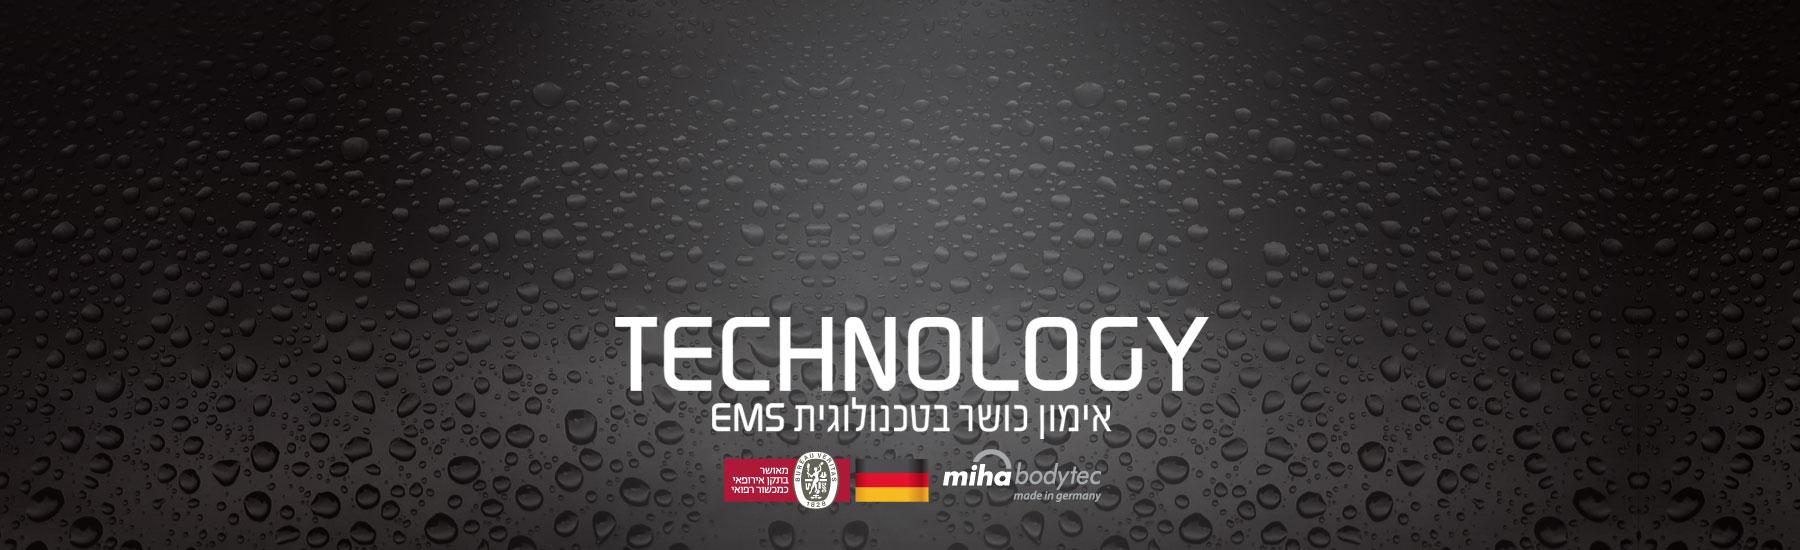 סלייד 3- טכנולוגיה מתקדמת